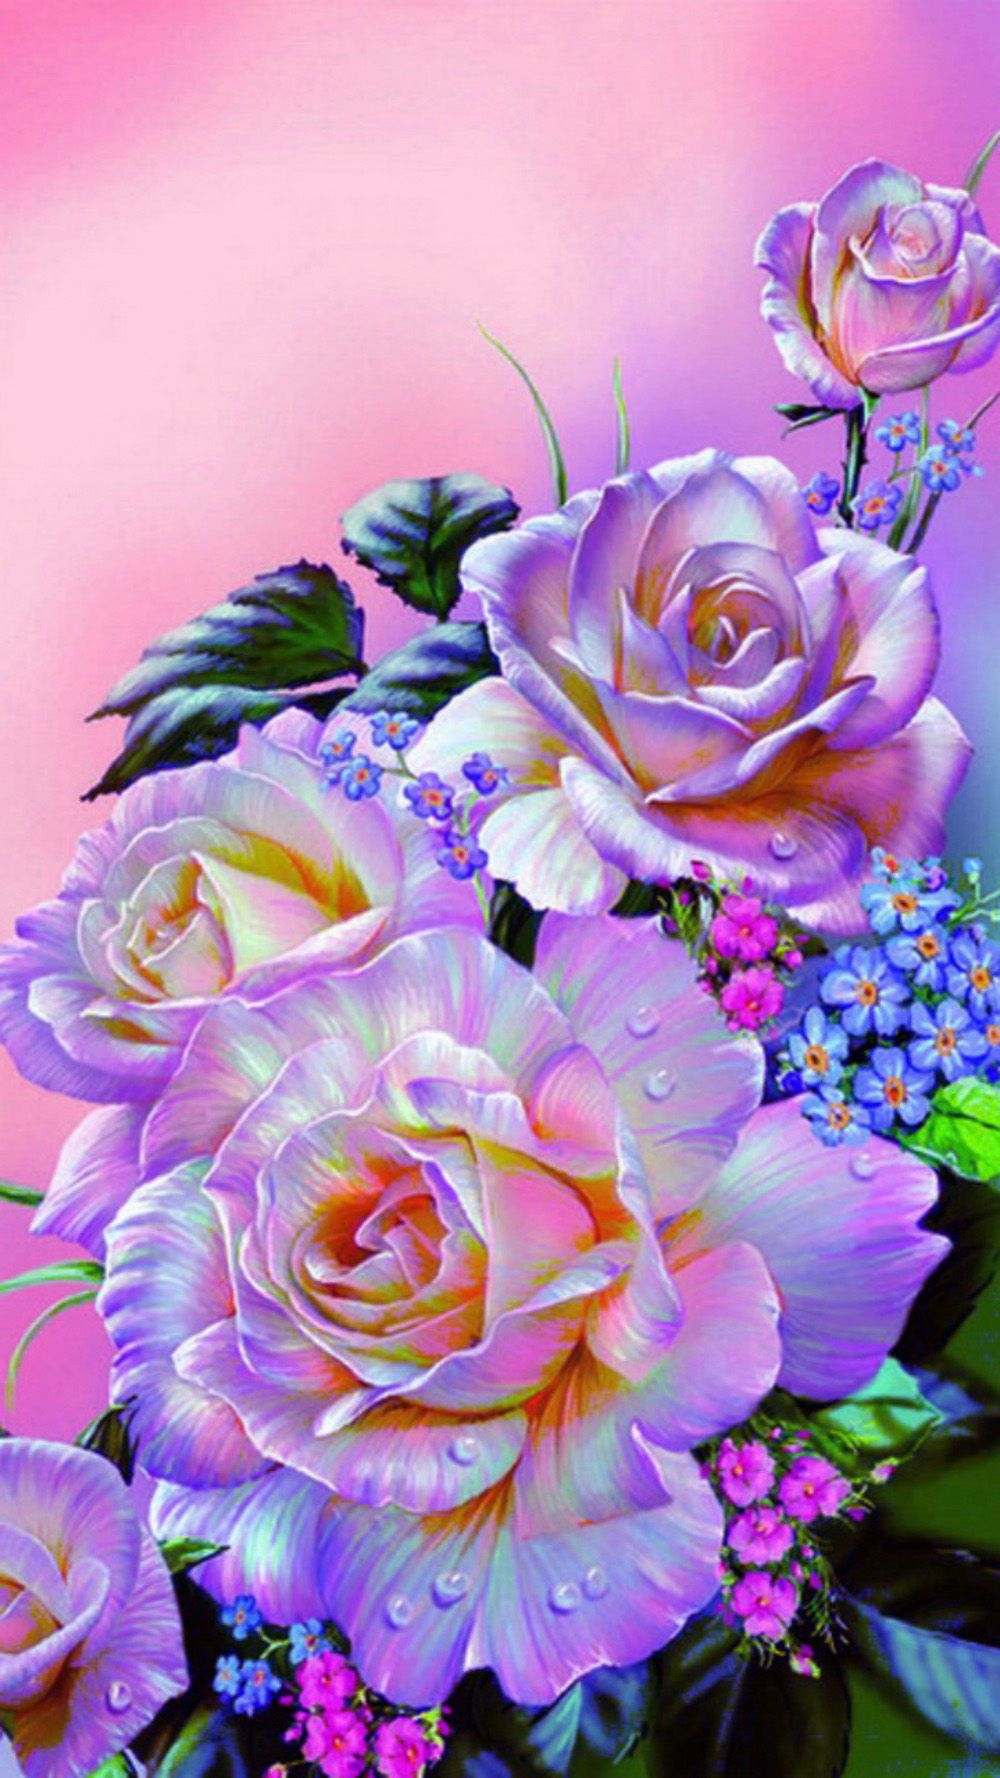 нежные розы-   Поделки из роз, Картины, Розы